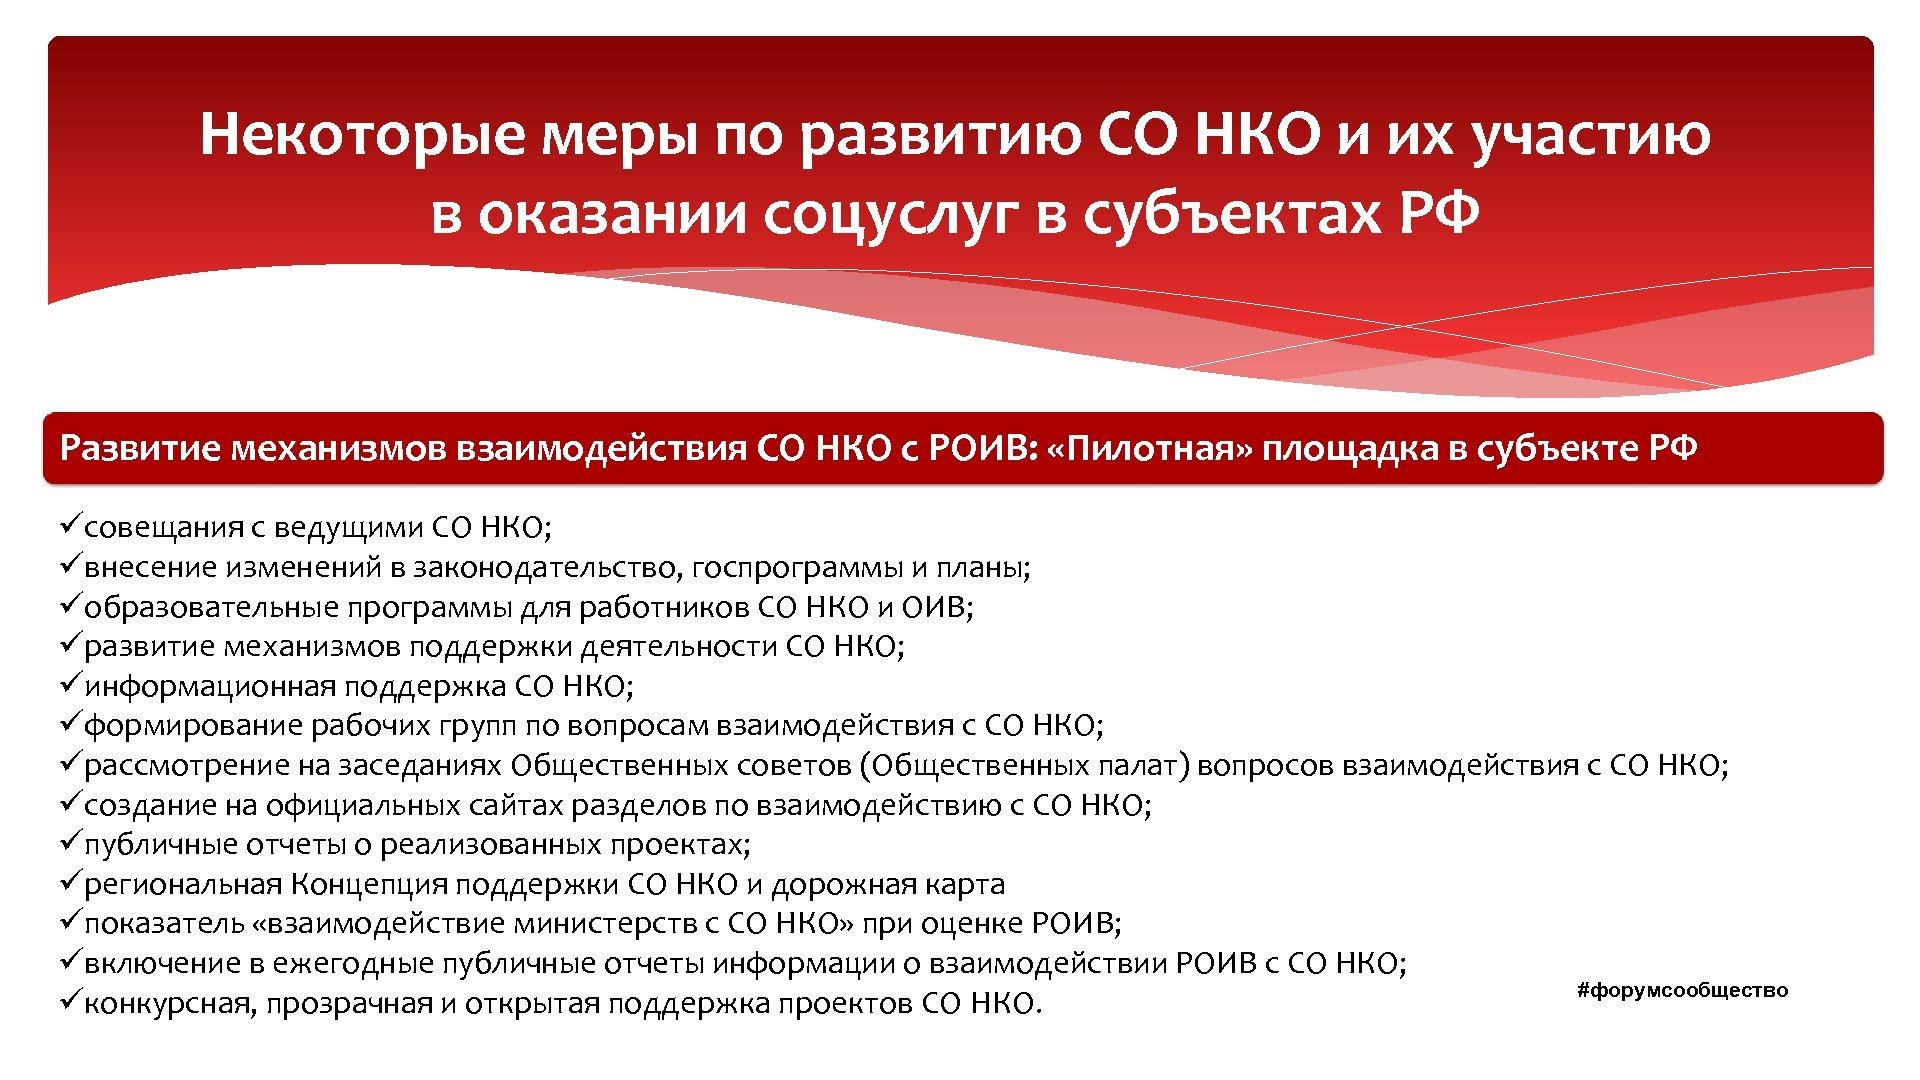 Некоторые меры по развитию СО НКО и их участию в оказании соцуслуг в субъектах